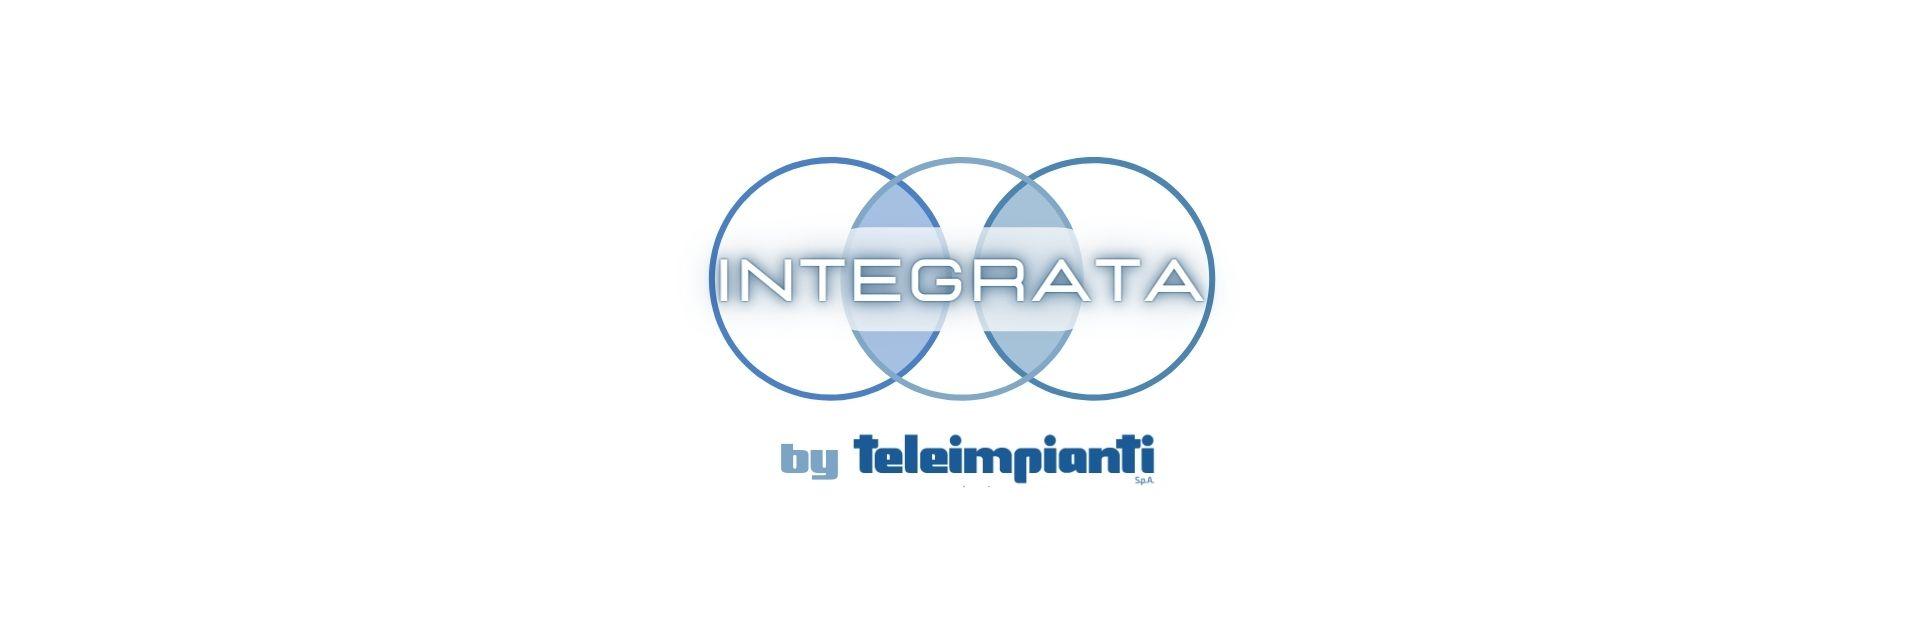 Integrata by Teleimpianti: piattaforma multiservizi di telecomunicazioni aziendali